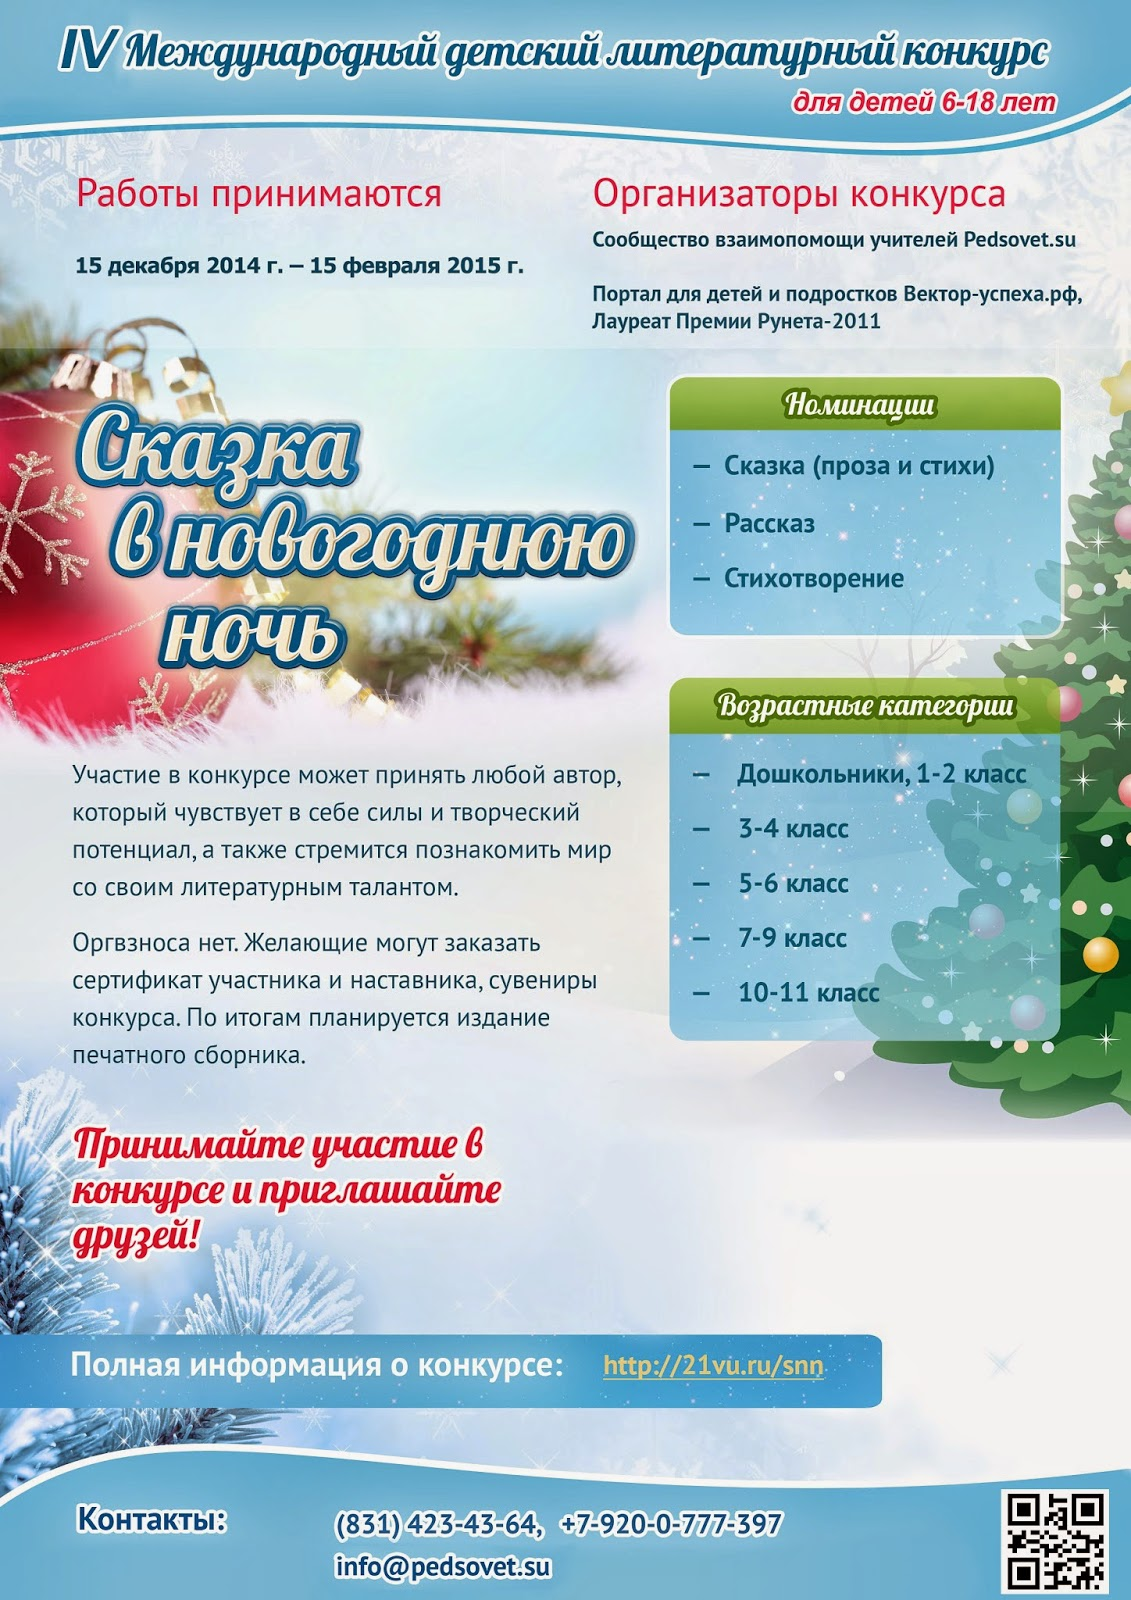 Конкурсы с оргвзносом 100 рублей